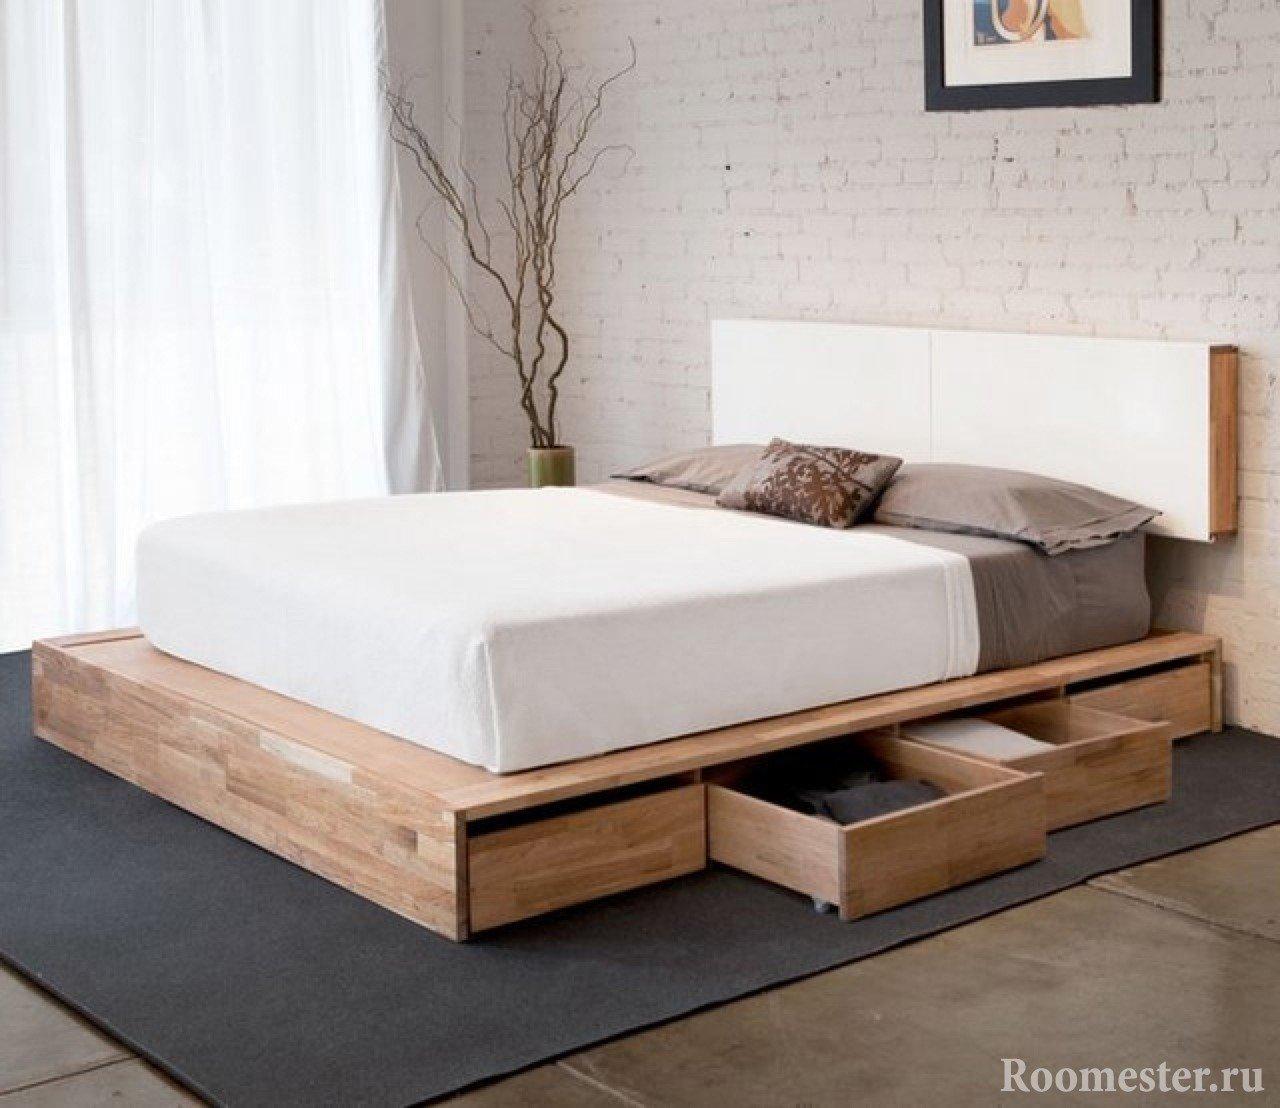 Выдвижные ящики из кровати